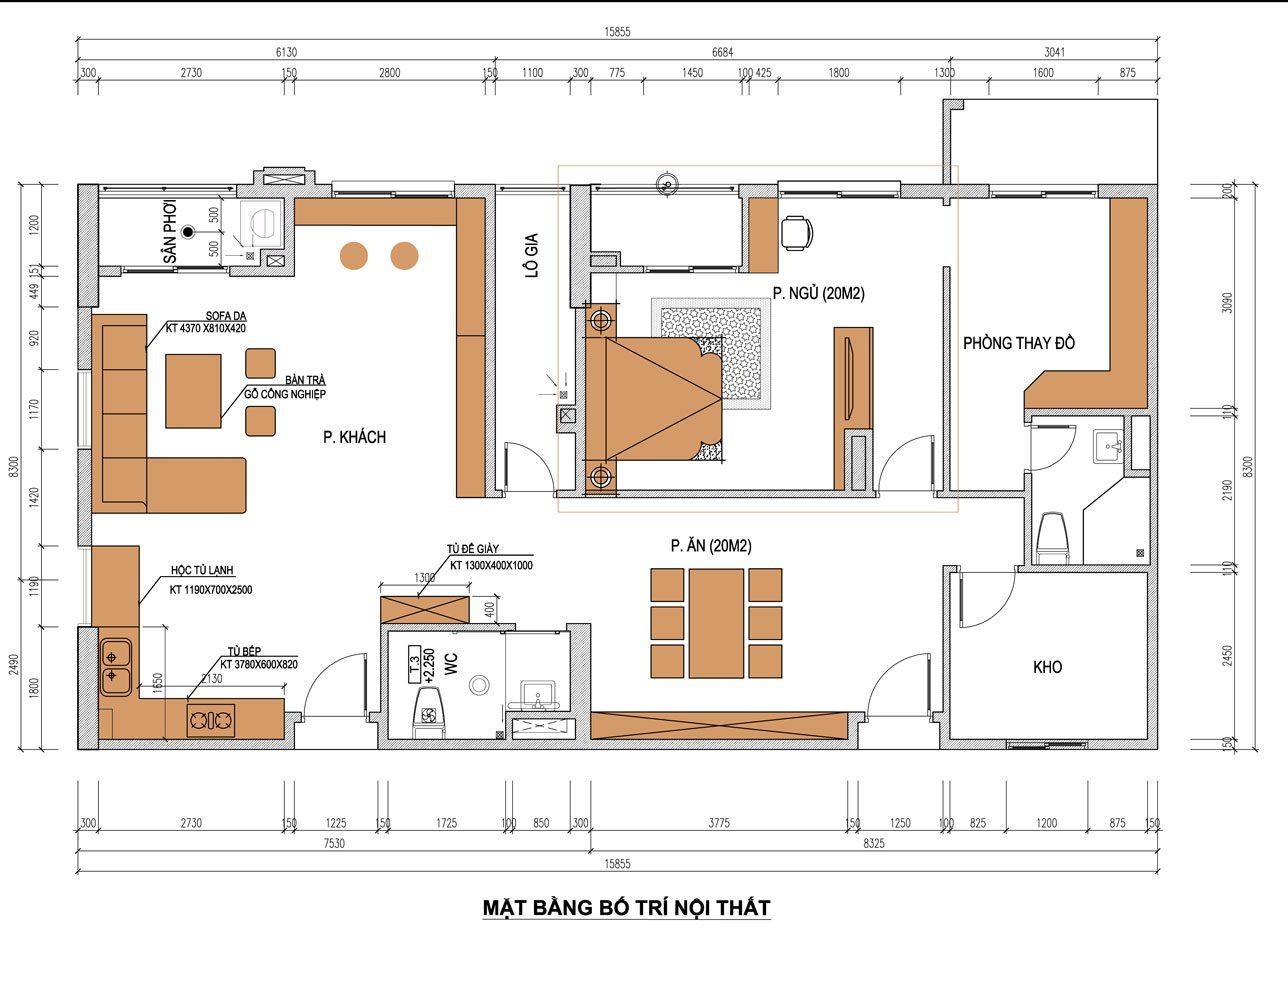 Thiết kế thi công nội thất nhà tại Bắc Ninh